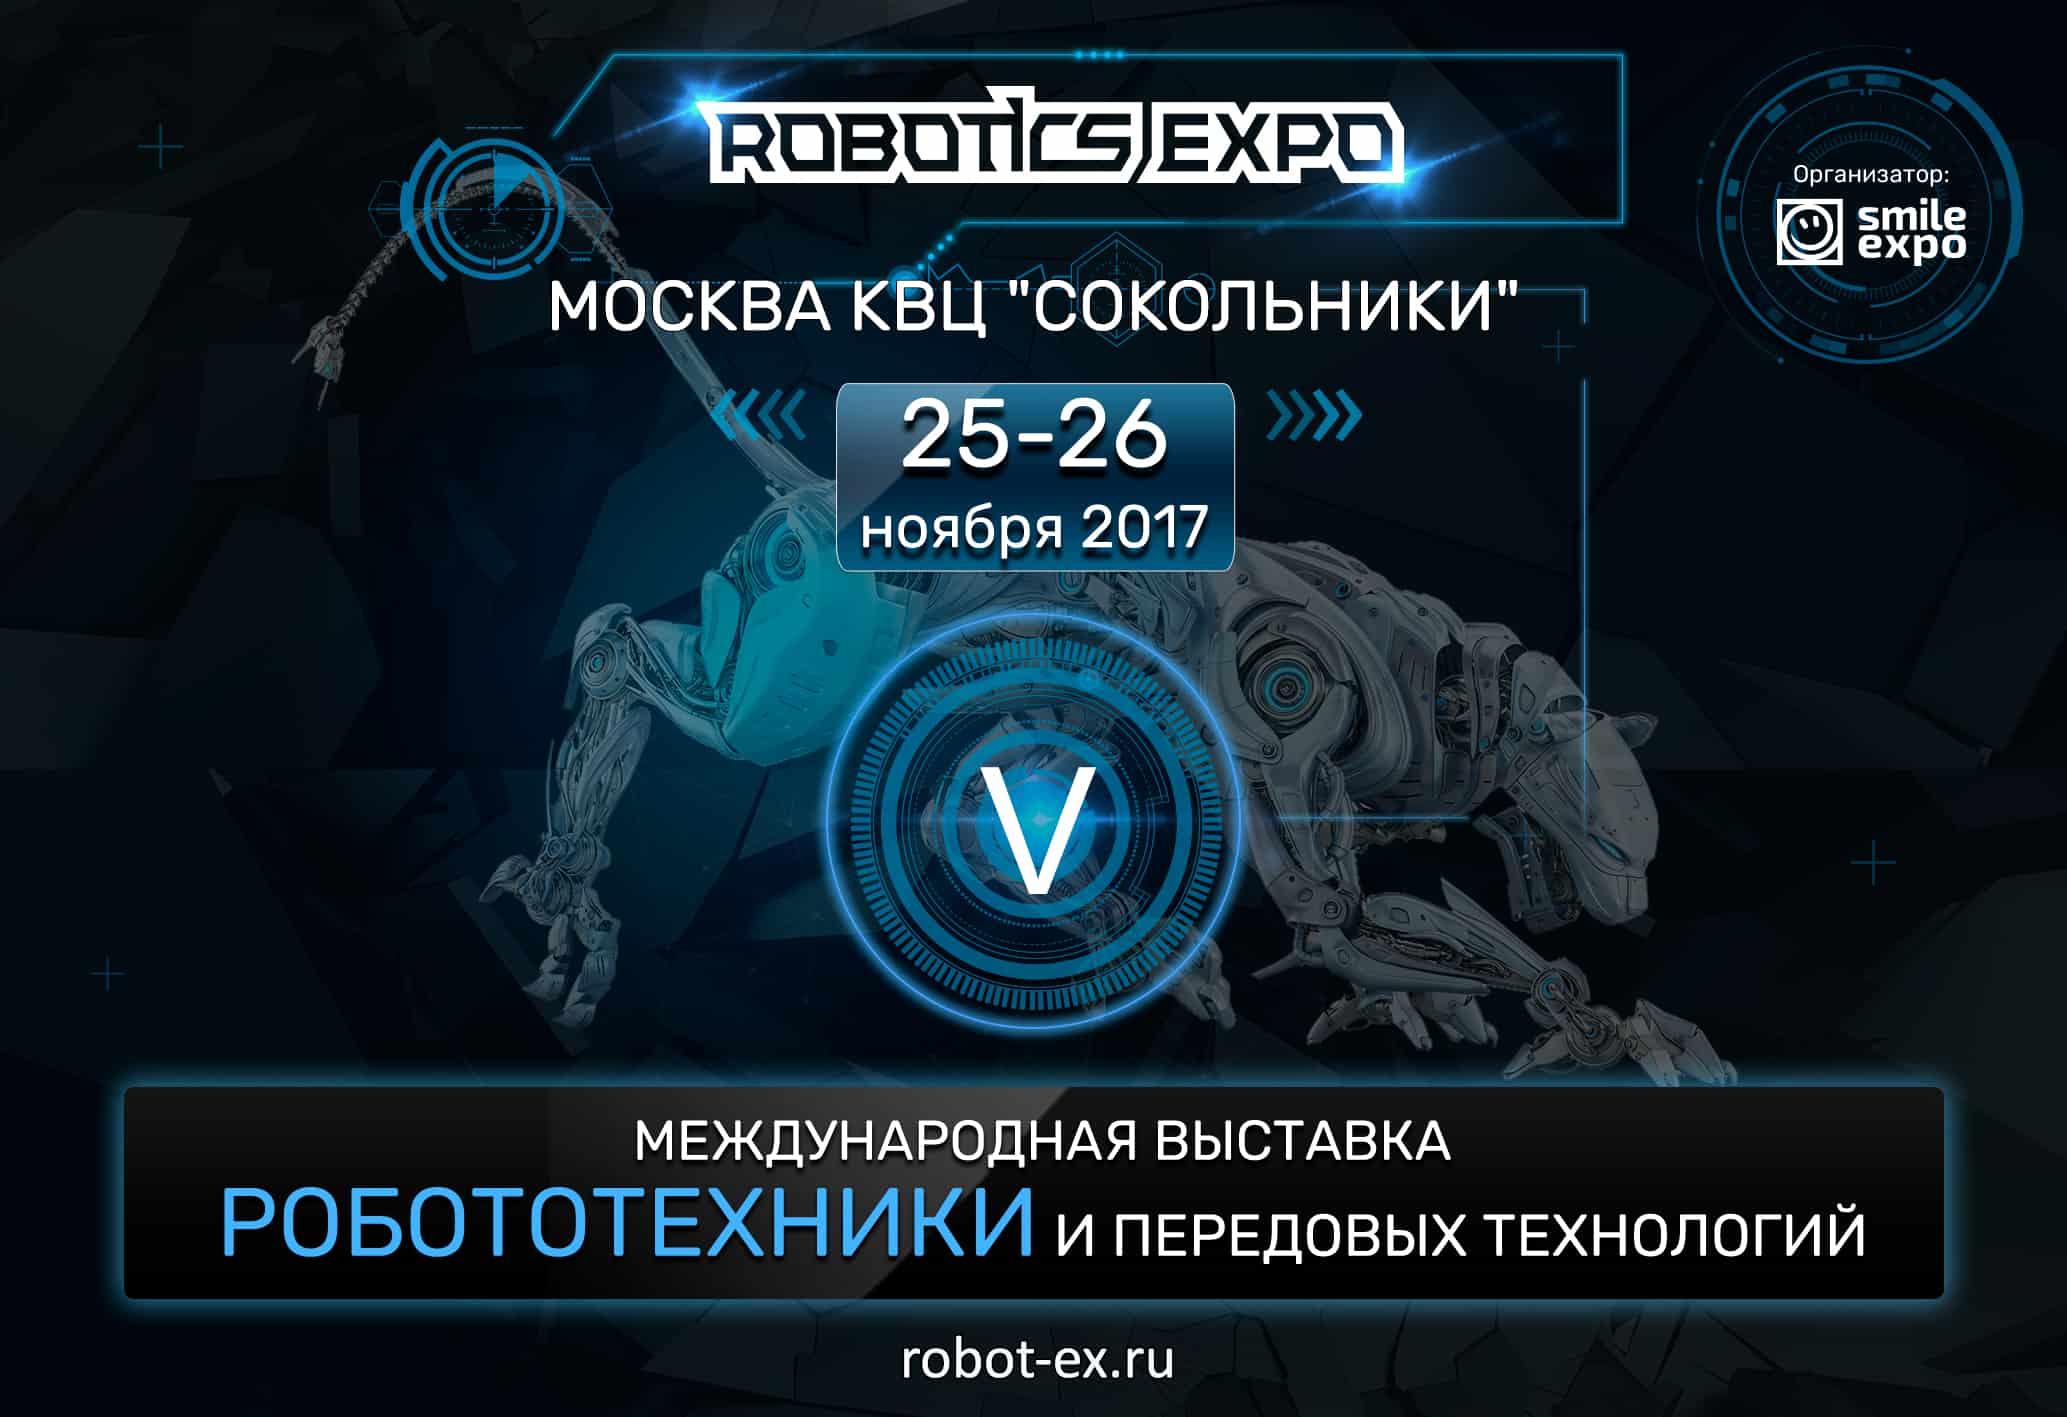 Photo of Уже этой осенью RoboticsExpo 2017 покажет будущее Уже этой осенью RoboticsExpo 2017 покажет будущее Уже этой осенью RoboticsExpo 2017 покажет будущее